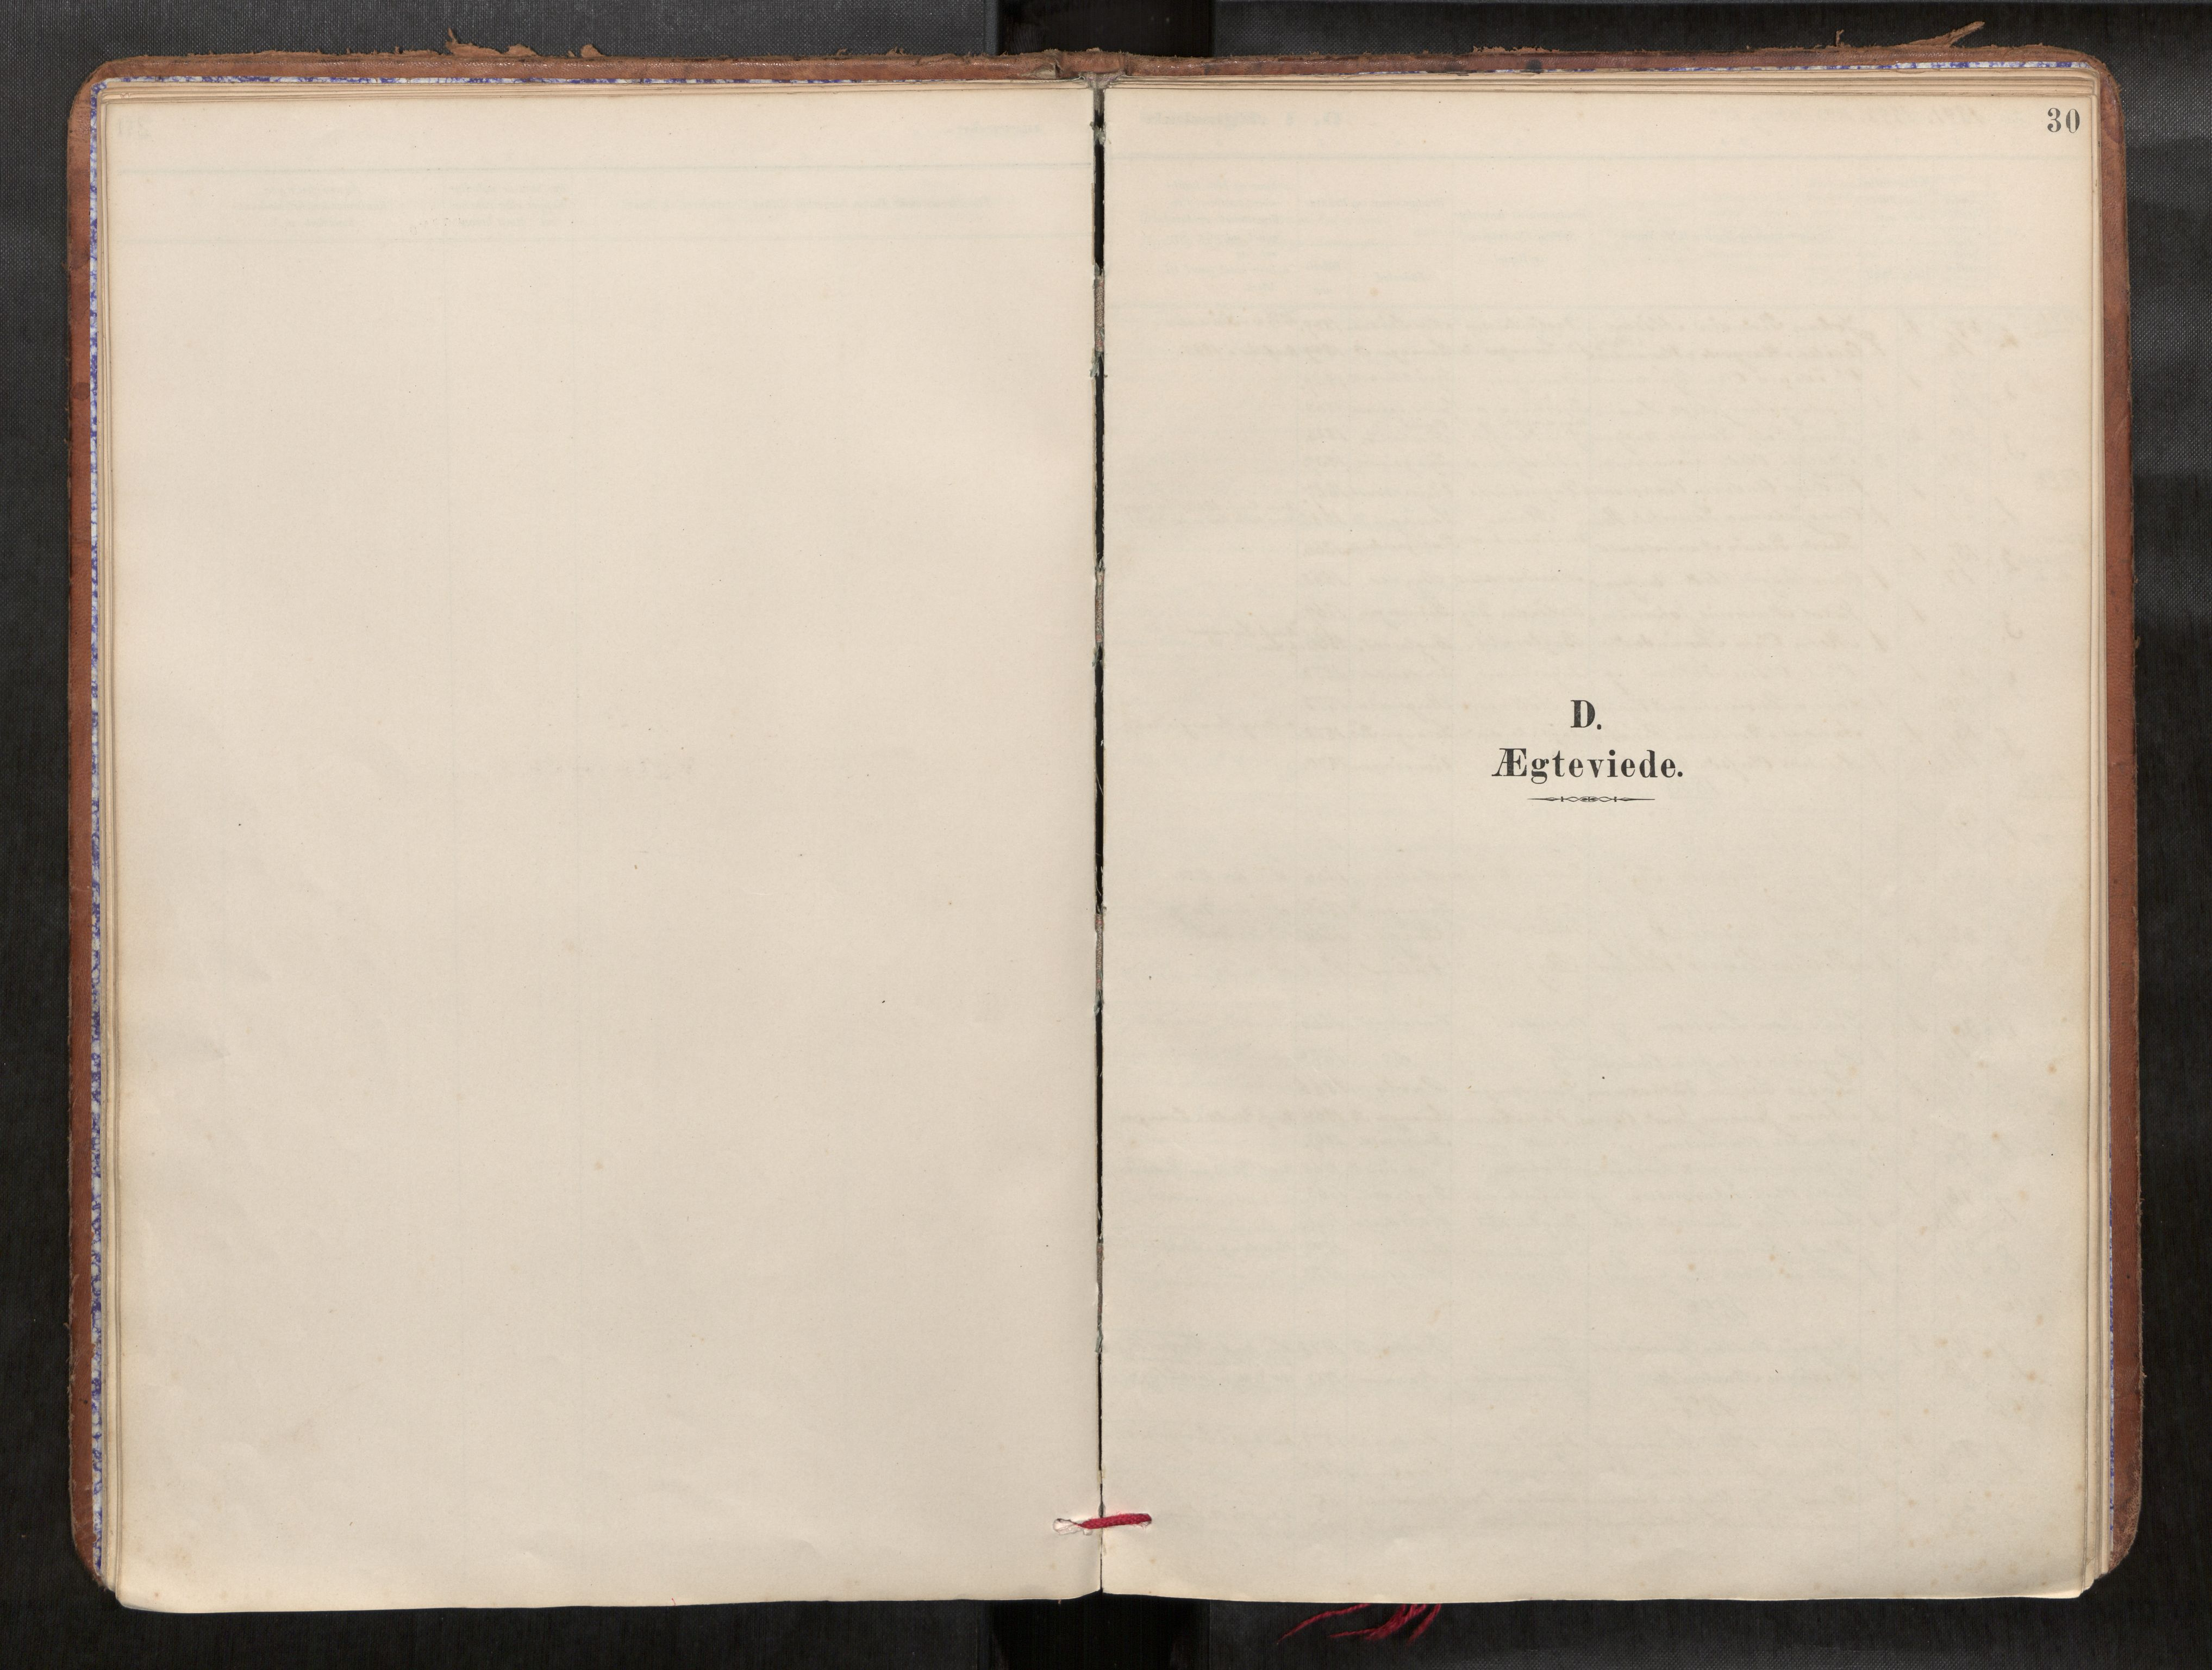 SAT, Verdal sokneprestkontor*, Parish register (official) no. 1, 1891-1907, p. 30